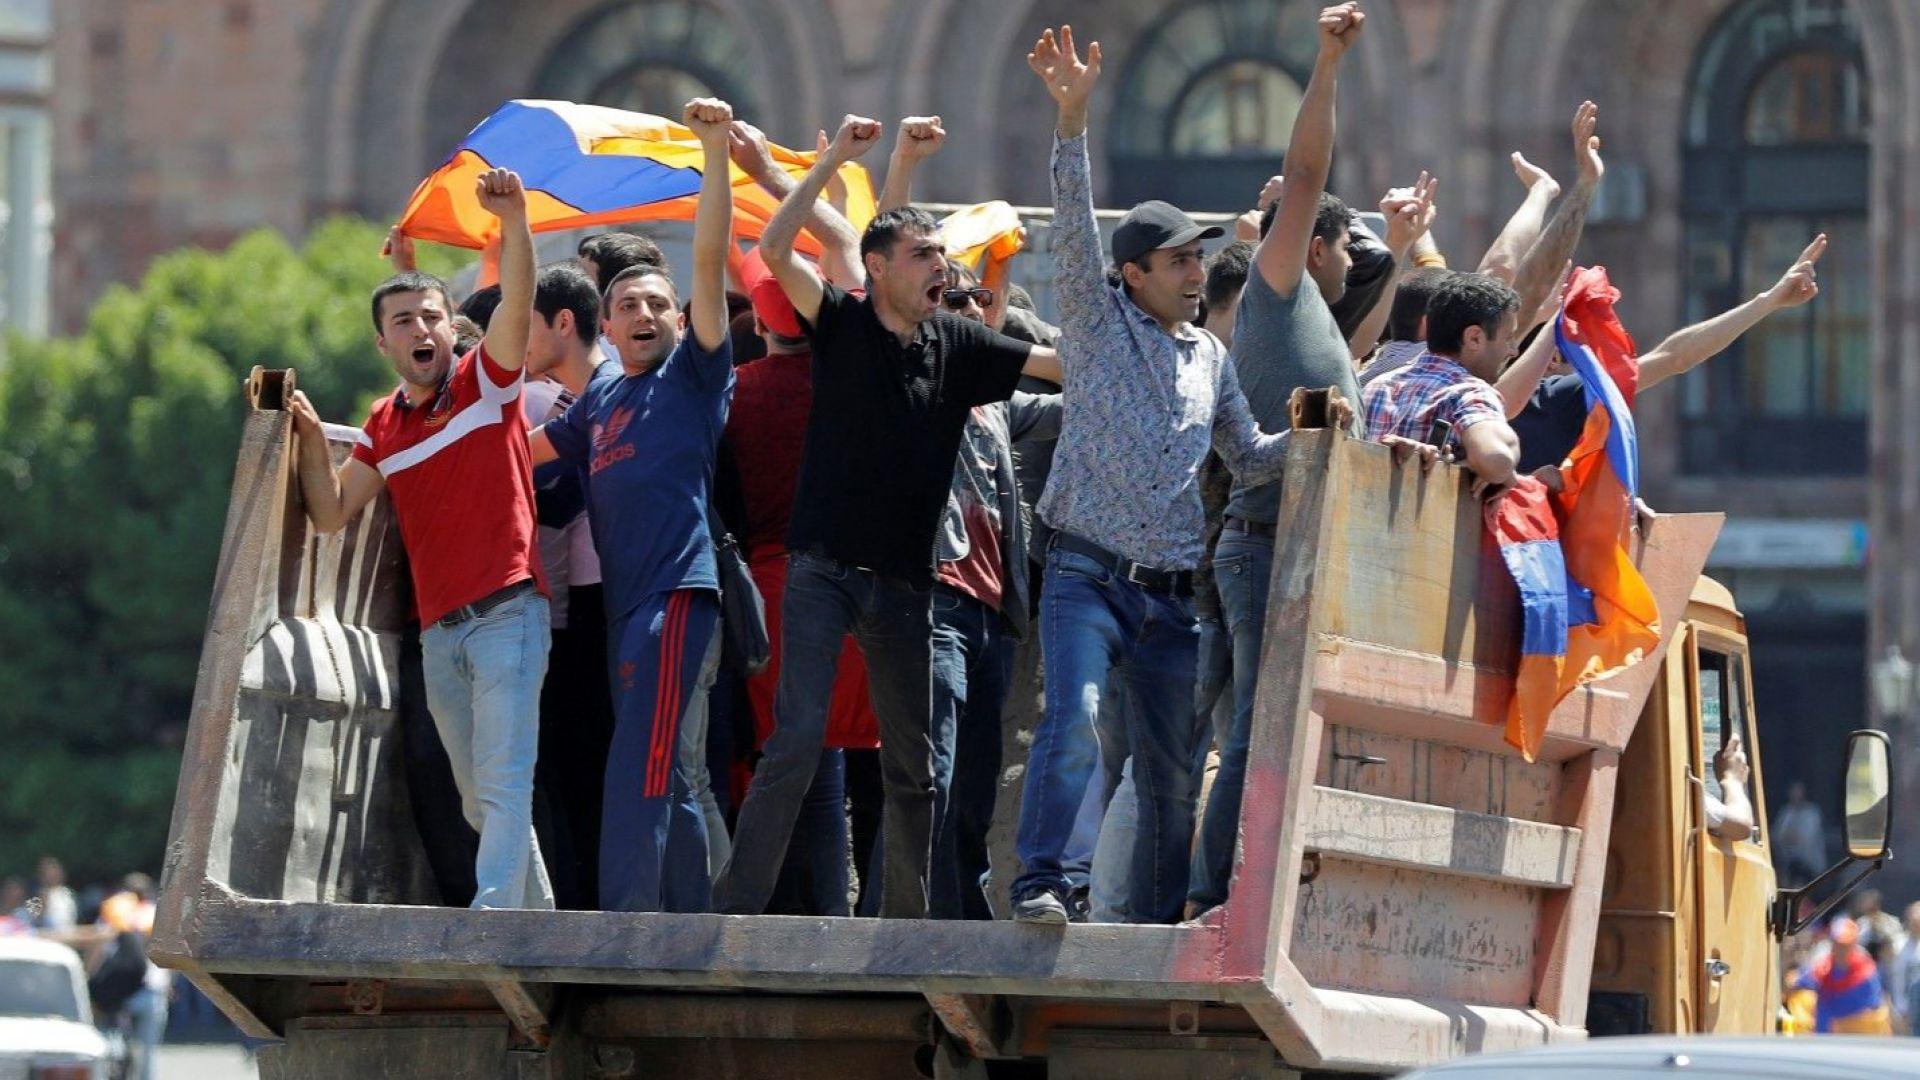 Външно министерство: Не пътувайте до Армения